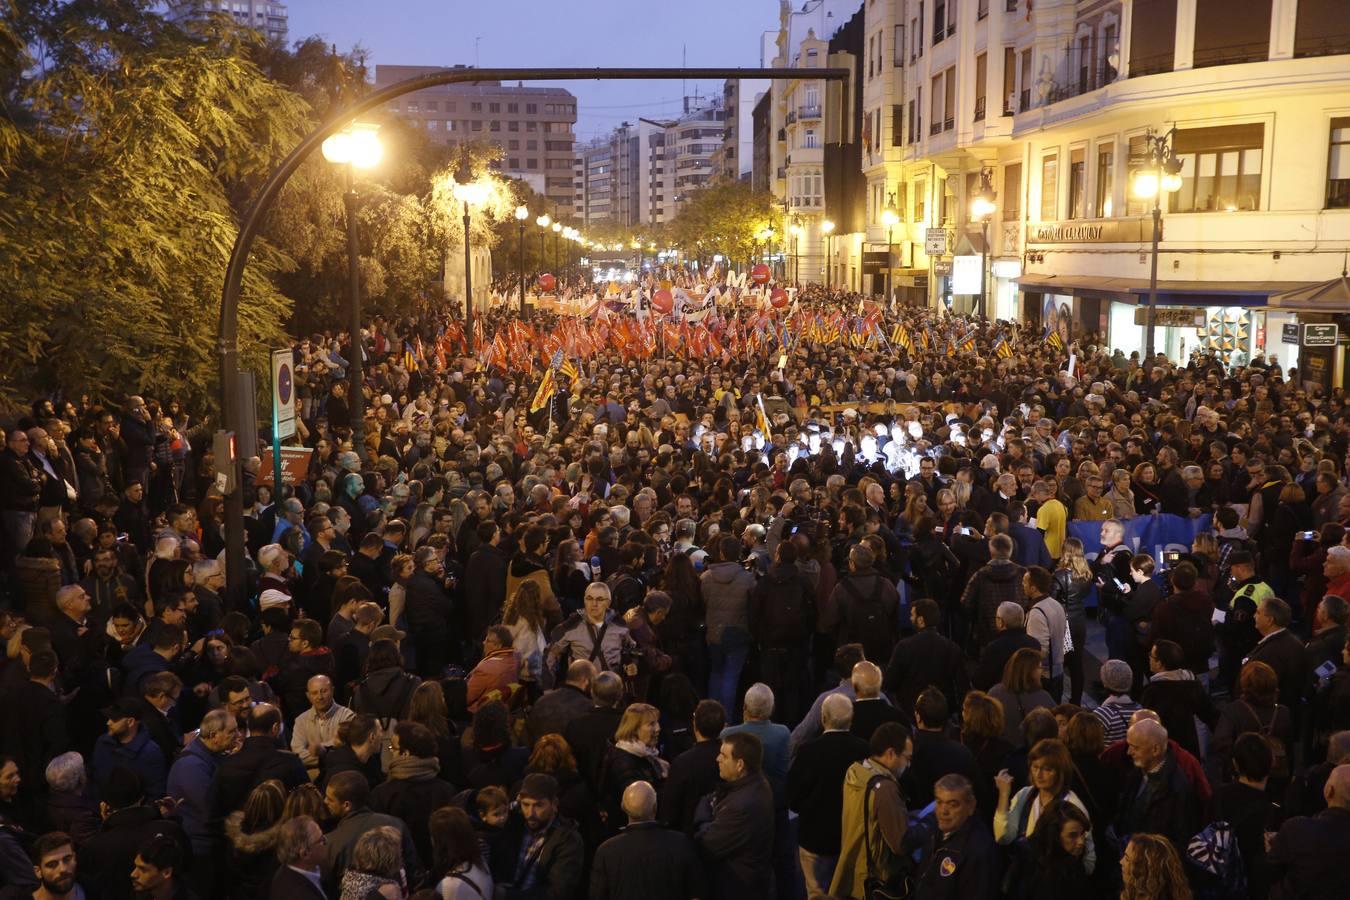 Fotos de la manifestación en Valencia por una financiación justa